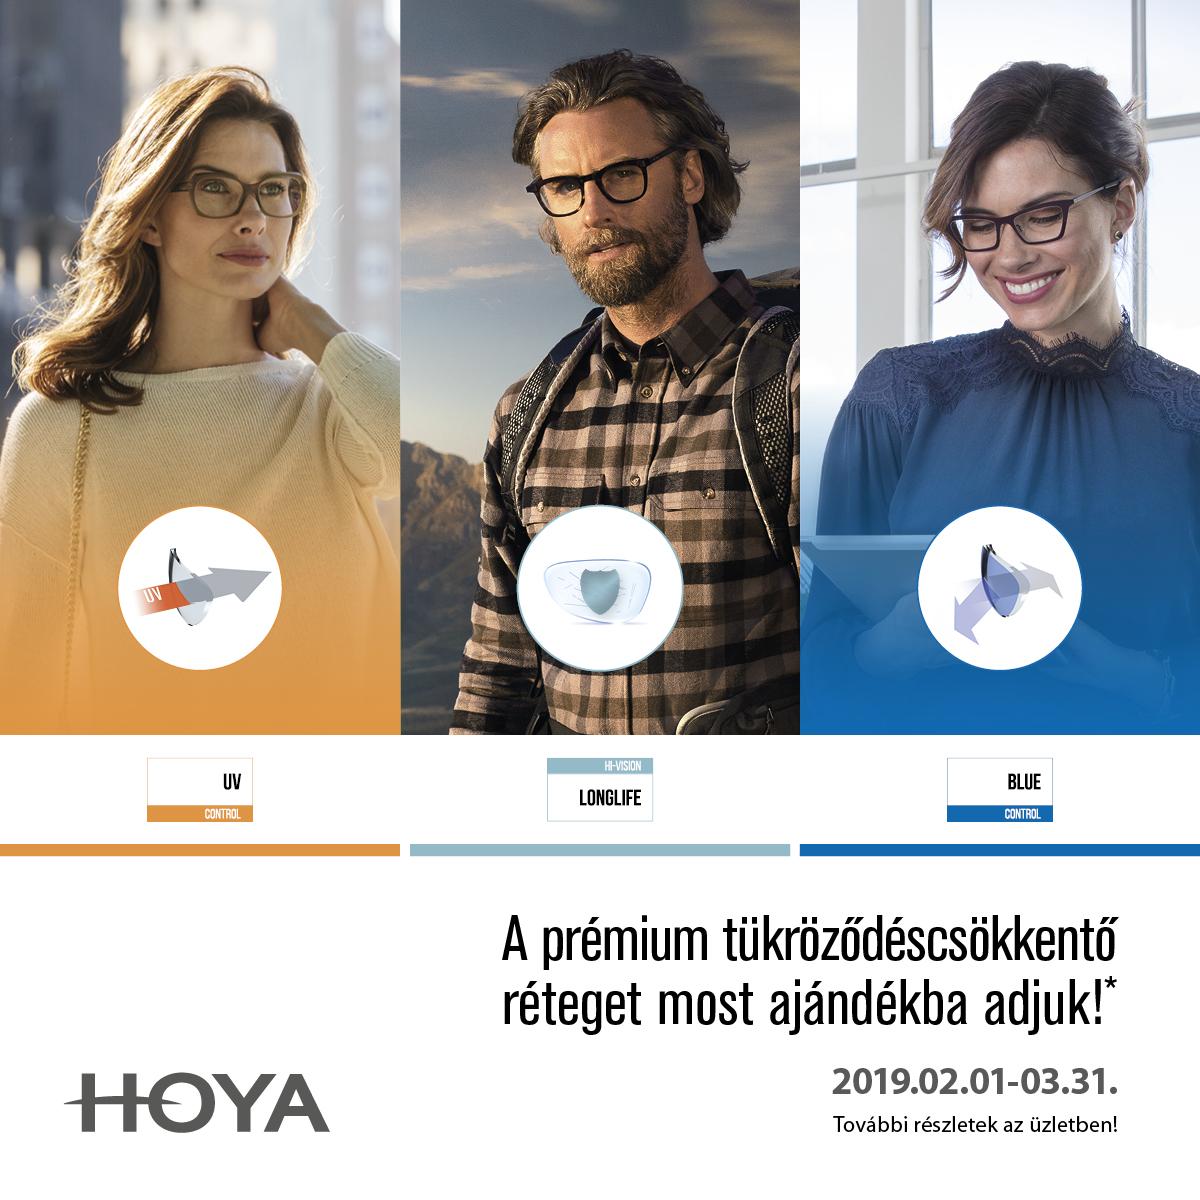 Prémium minőségű Hoya felületkezelések ajándékba!